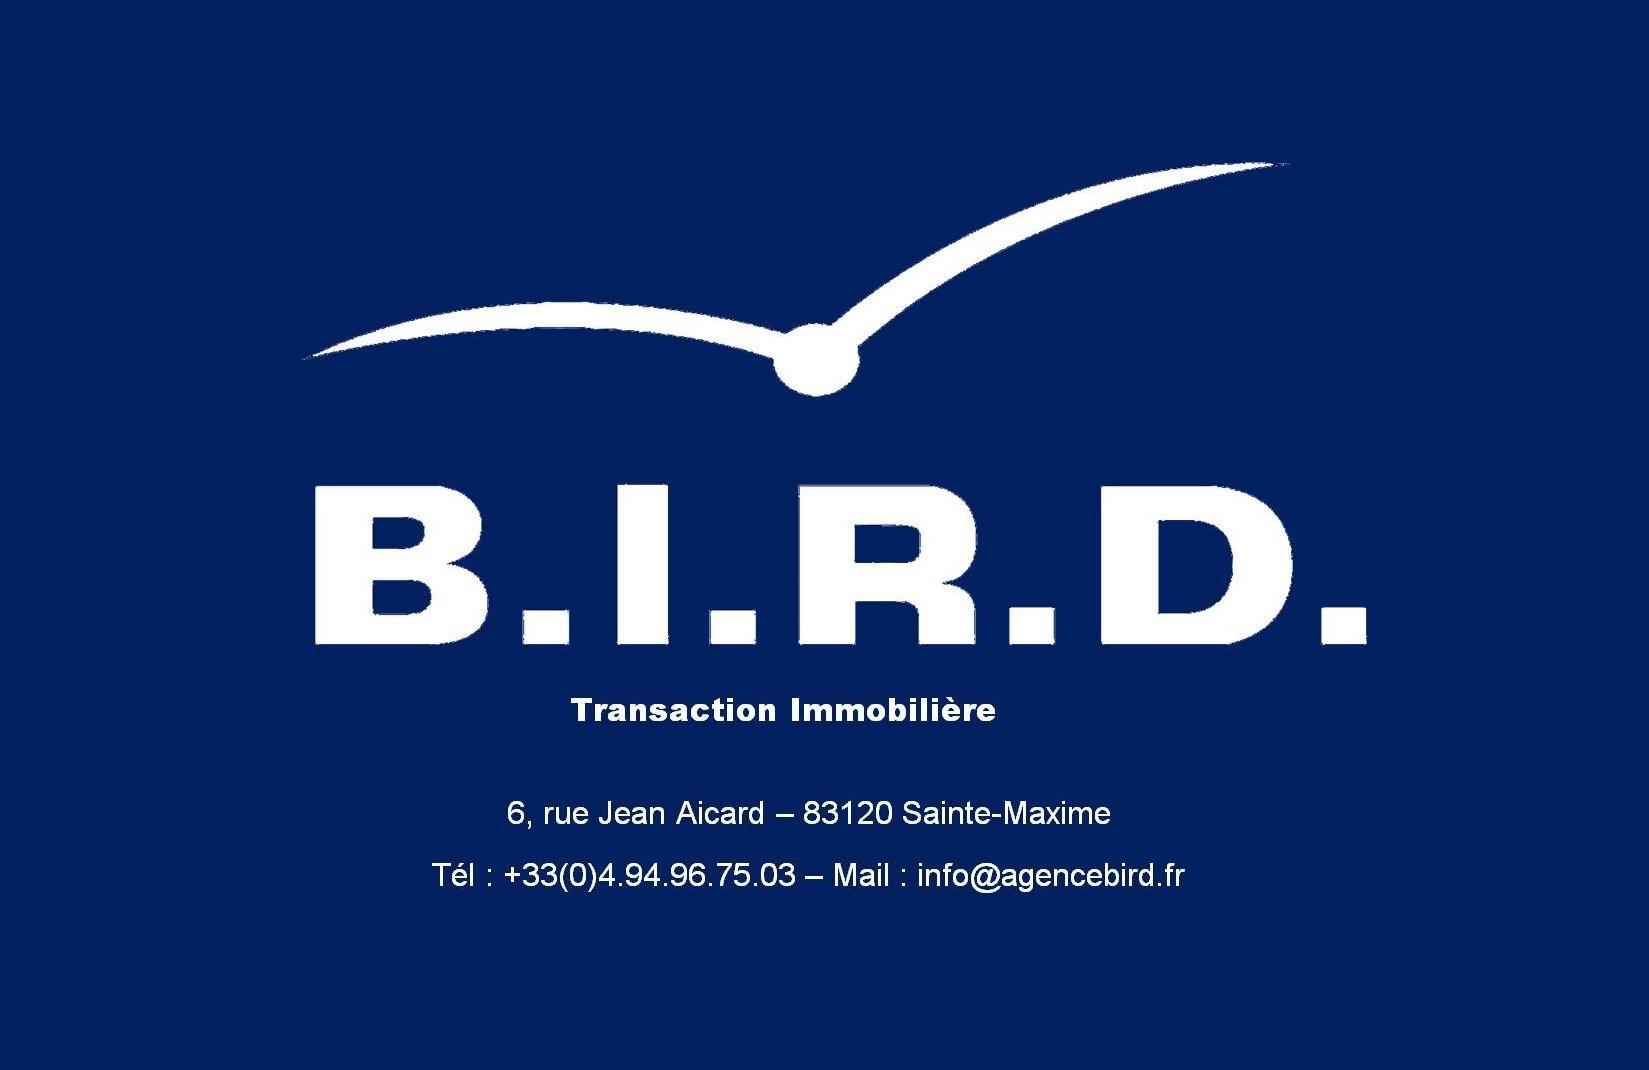 Real estate agency AGENCE BIRD in Sainte Maxime